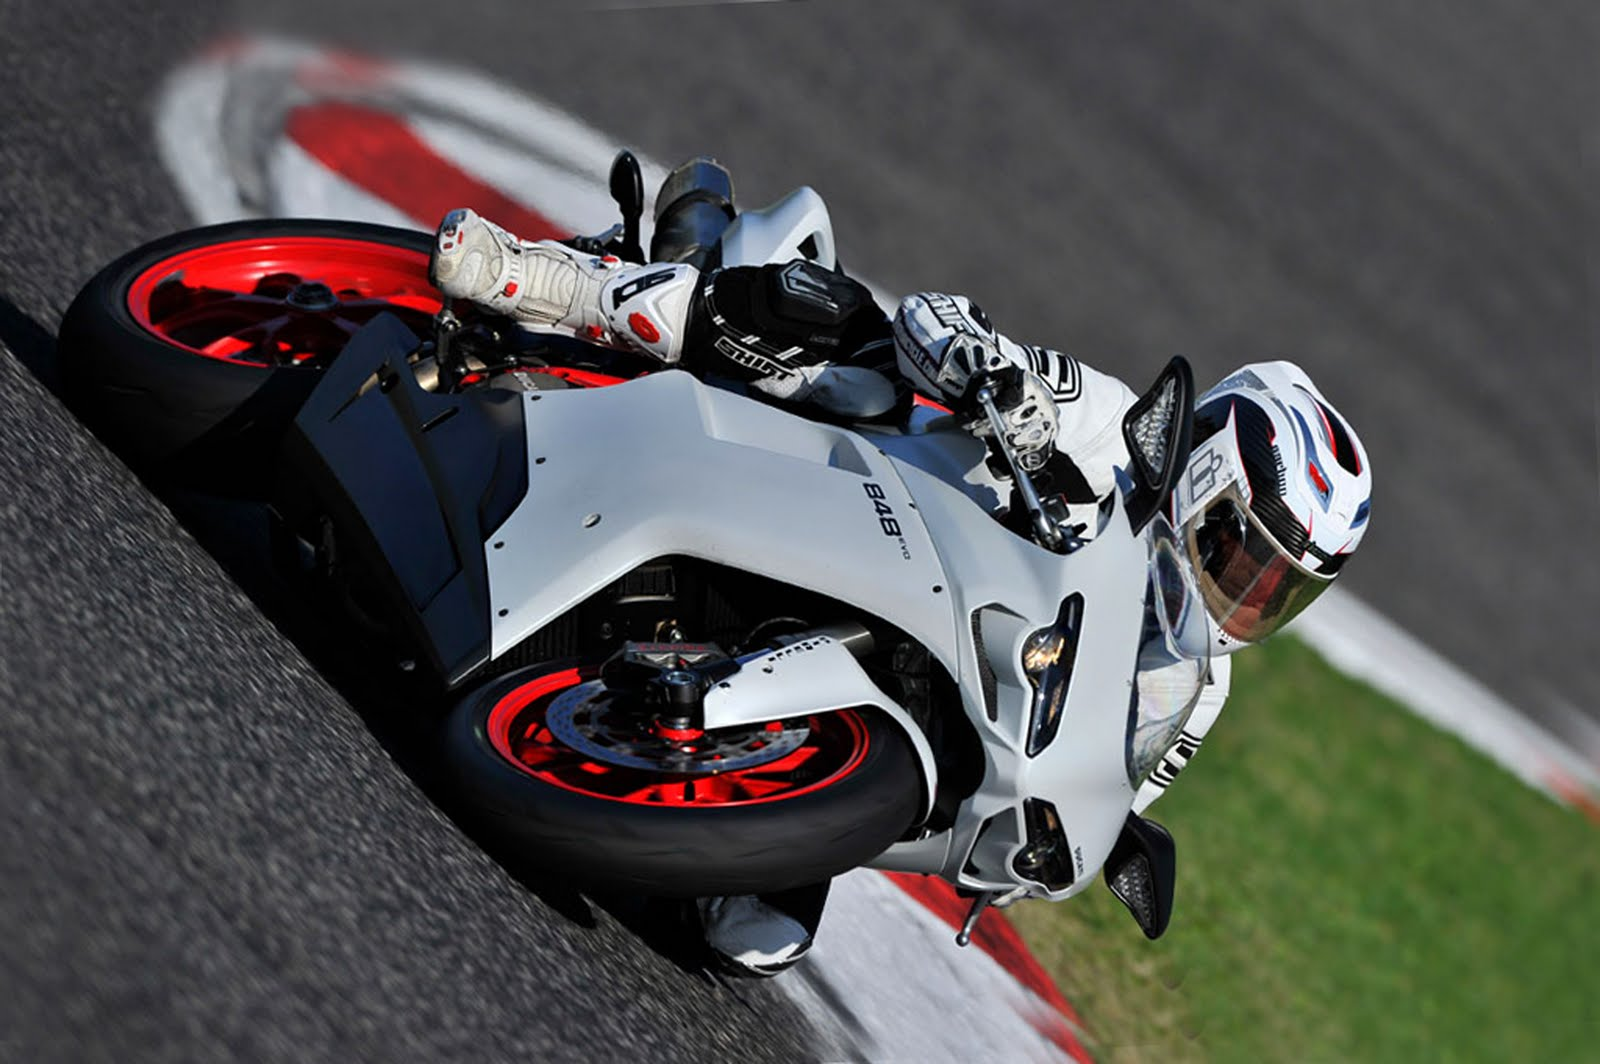 New Ducati 848 EVO, Read More